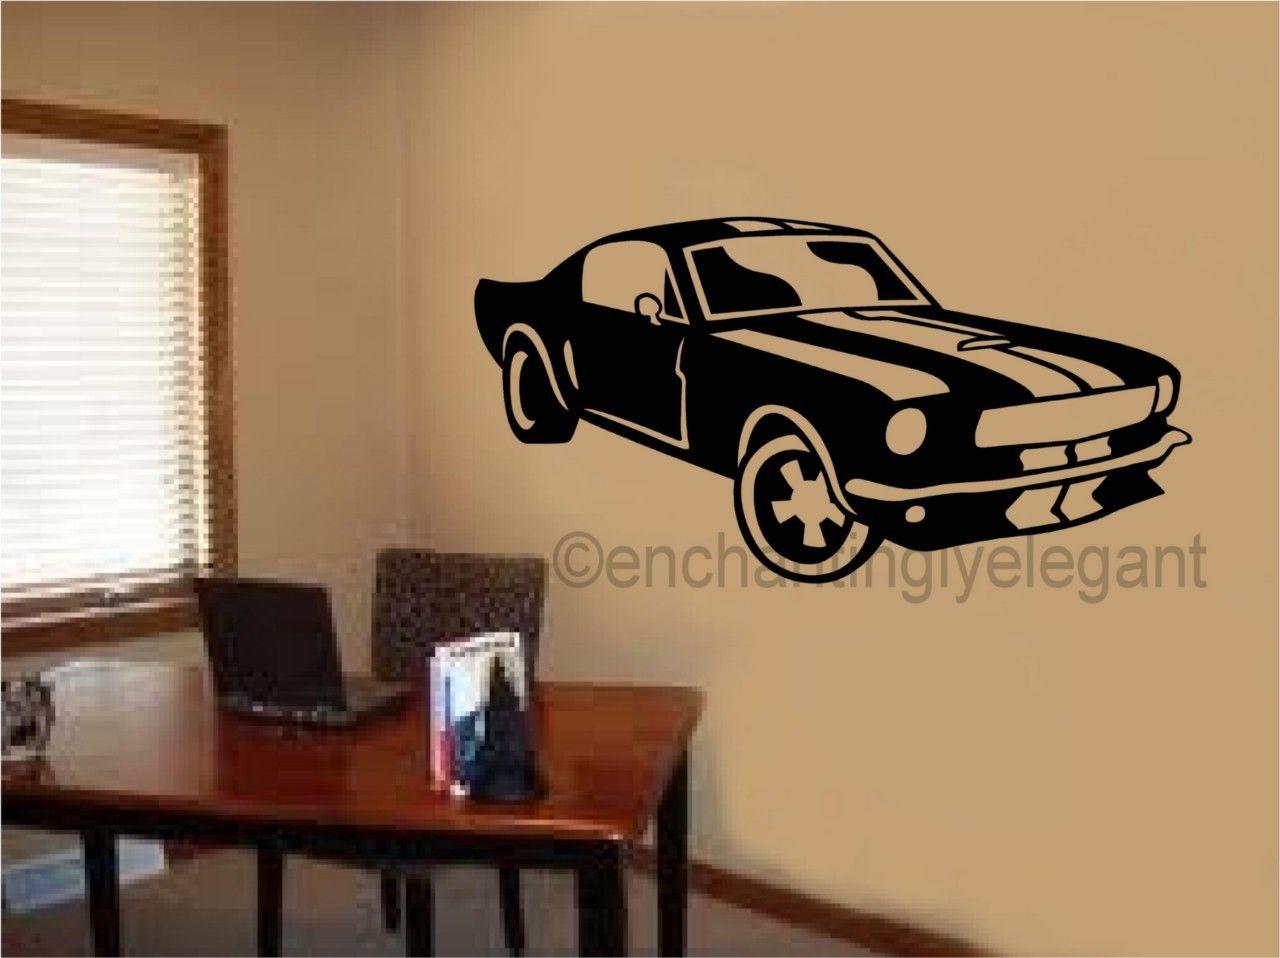 D mustang shelby voiture vinyle decal sticker mural bureau